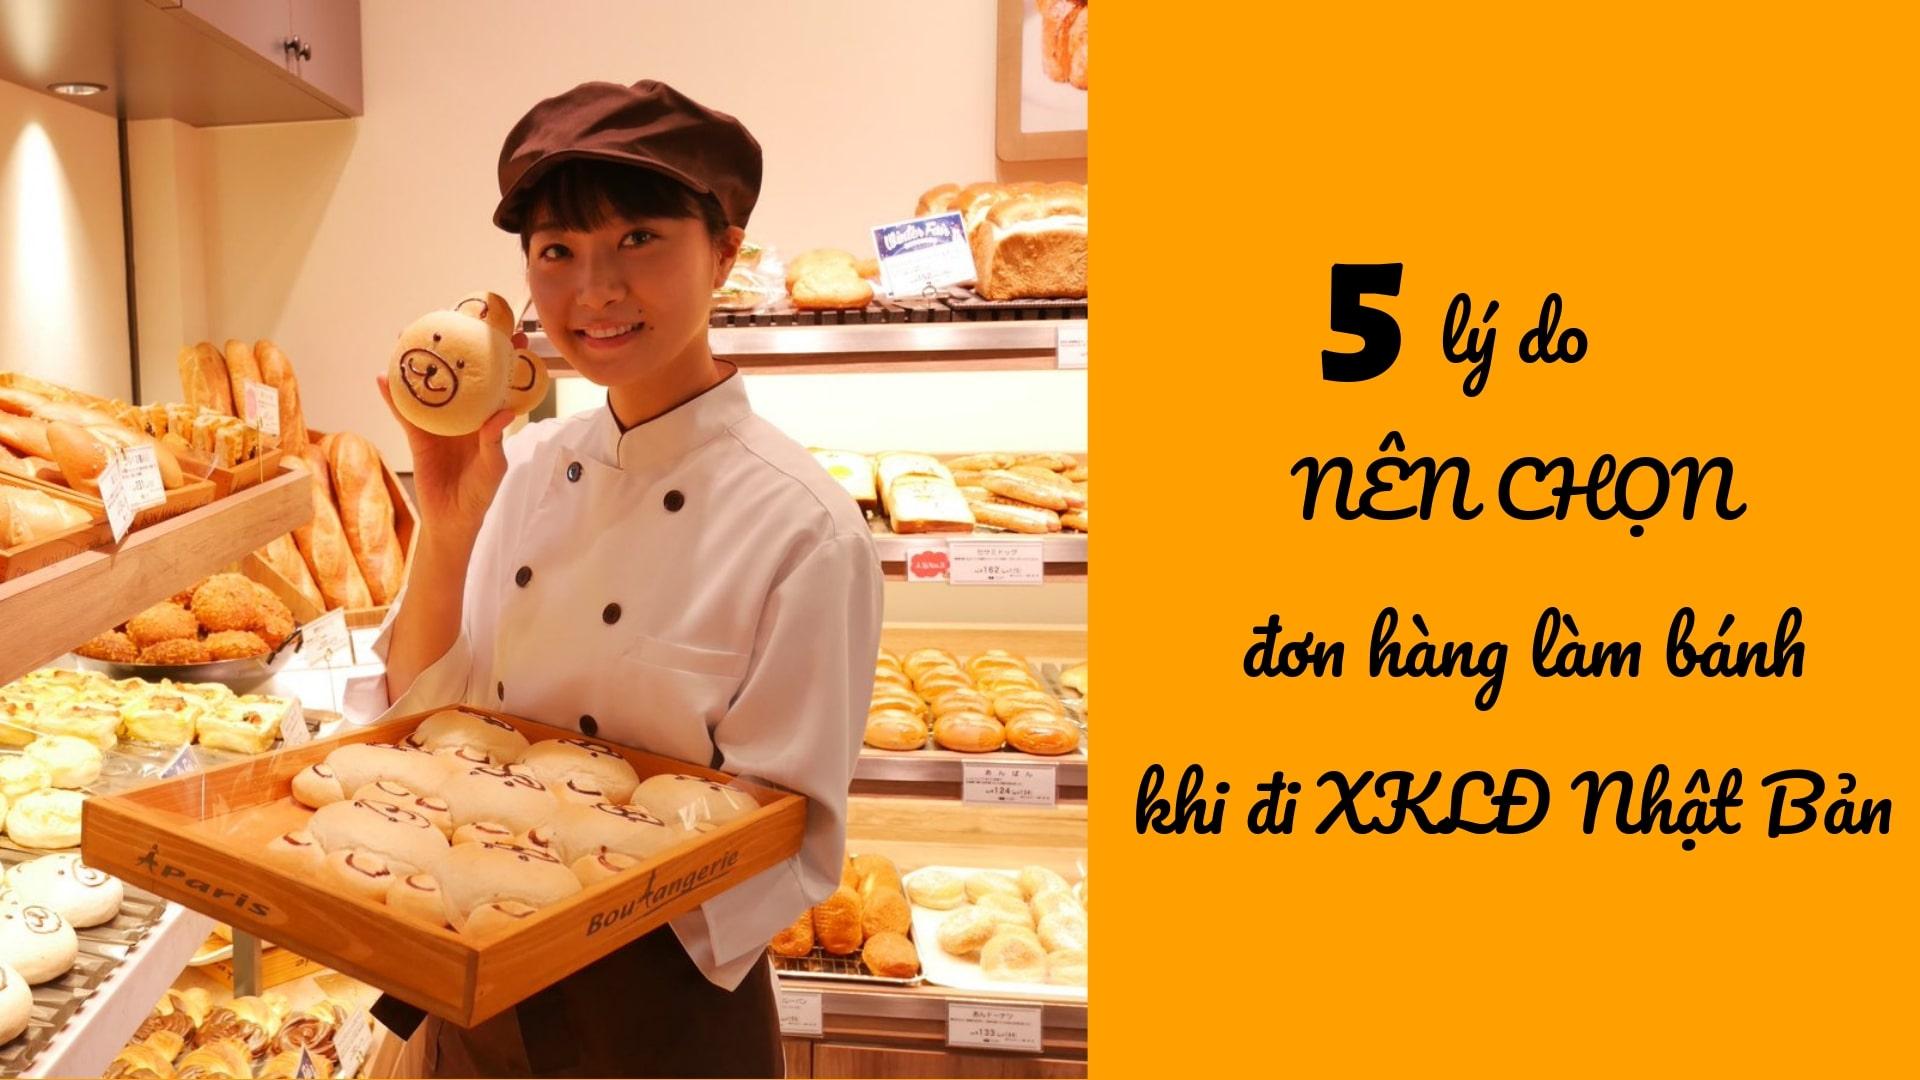 5 lý do NÊN CHỌN đơn hàng làm bánh khi đi XKLĐ Nhật Bản